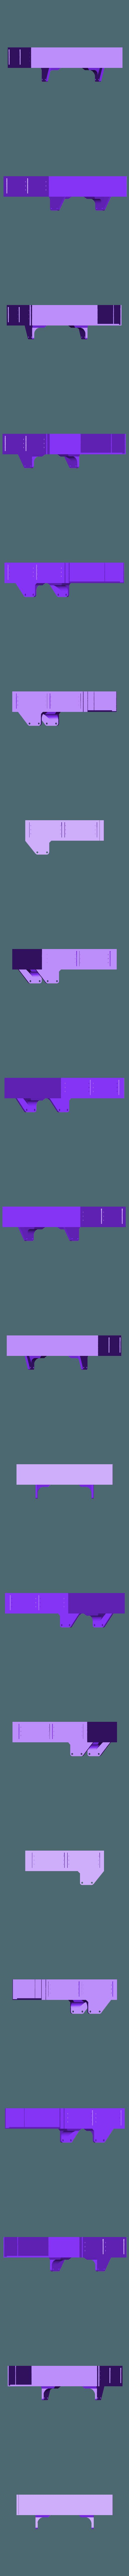 TruckV3_Props_flatbed_A.STL Download STL file 3D Printed RC Truck V3 • 3D print model, MrCrankyface